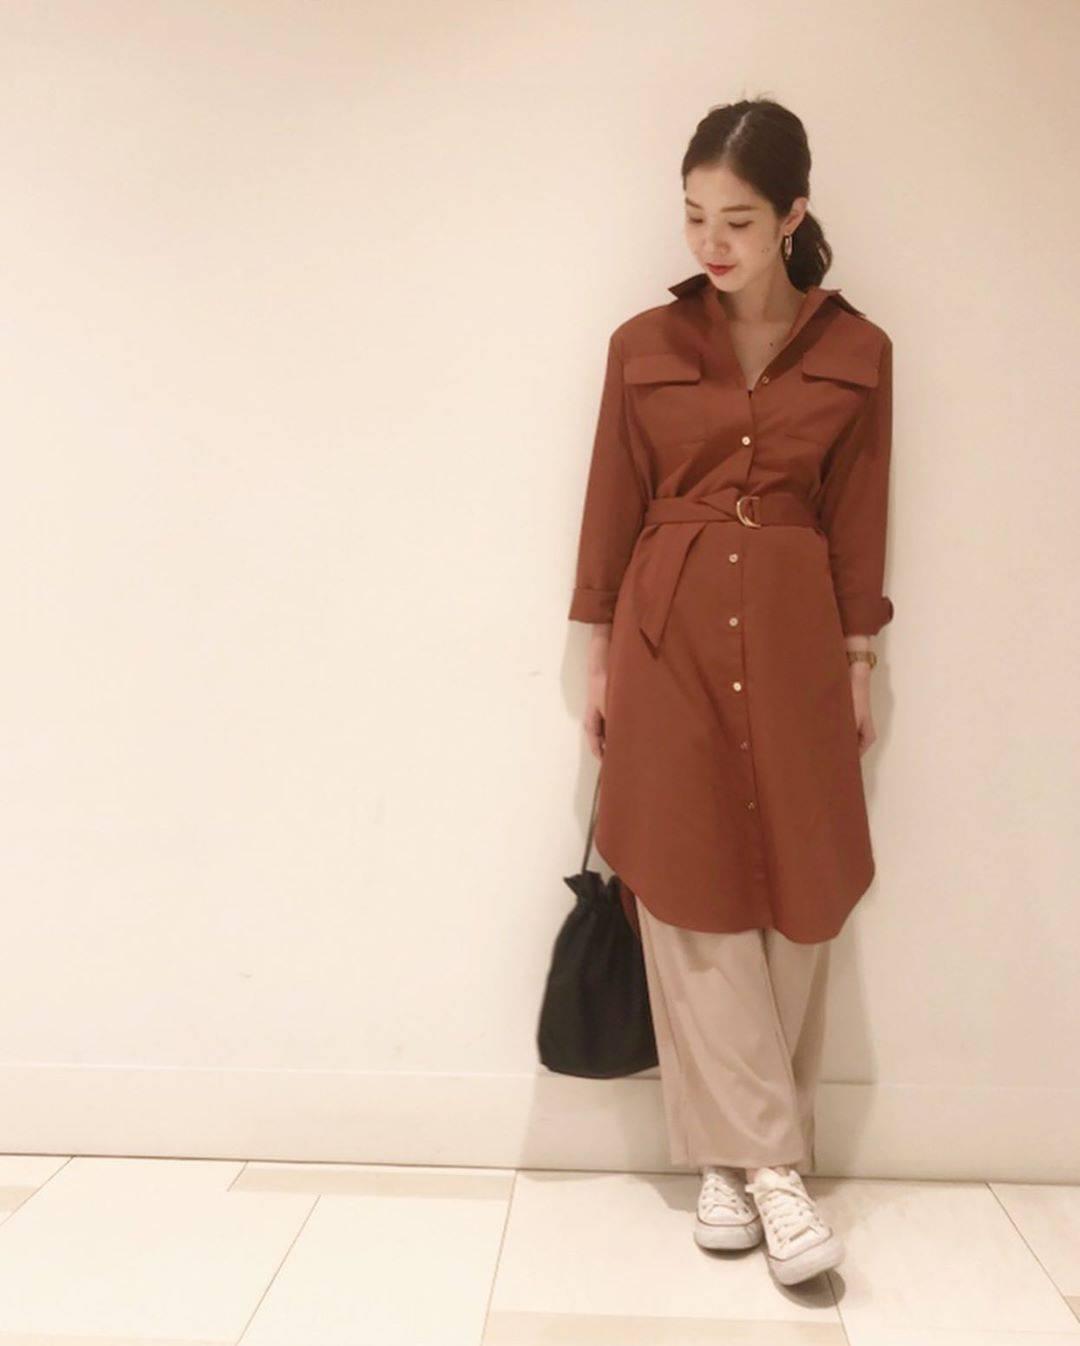 最高気温28度・最低気温20度 hikari_k0122の服装